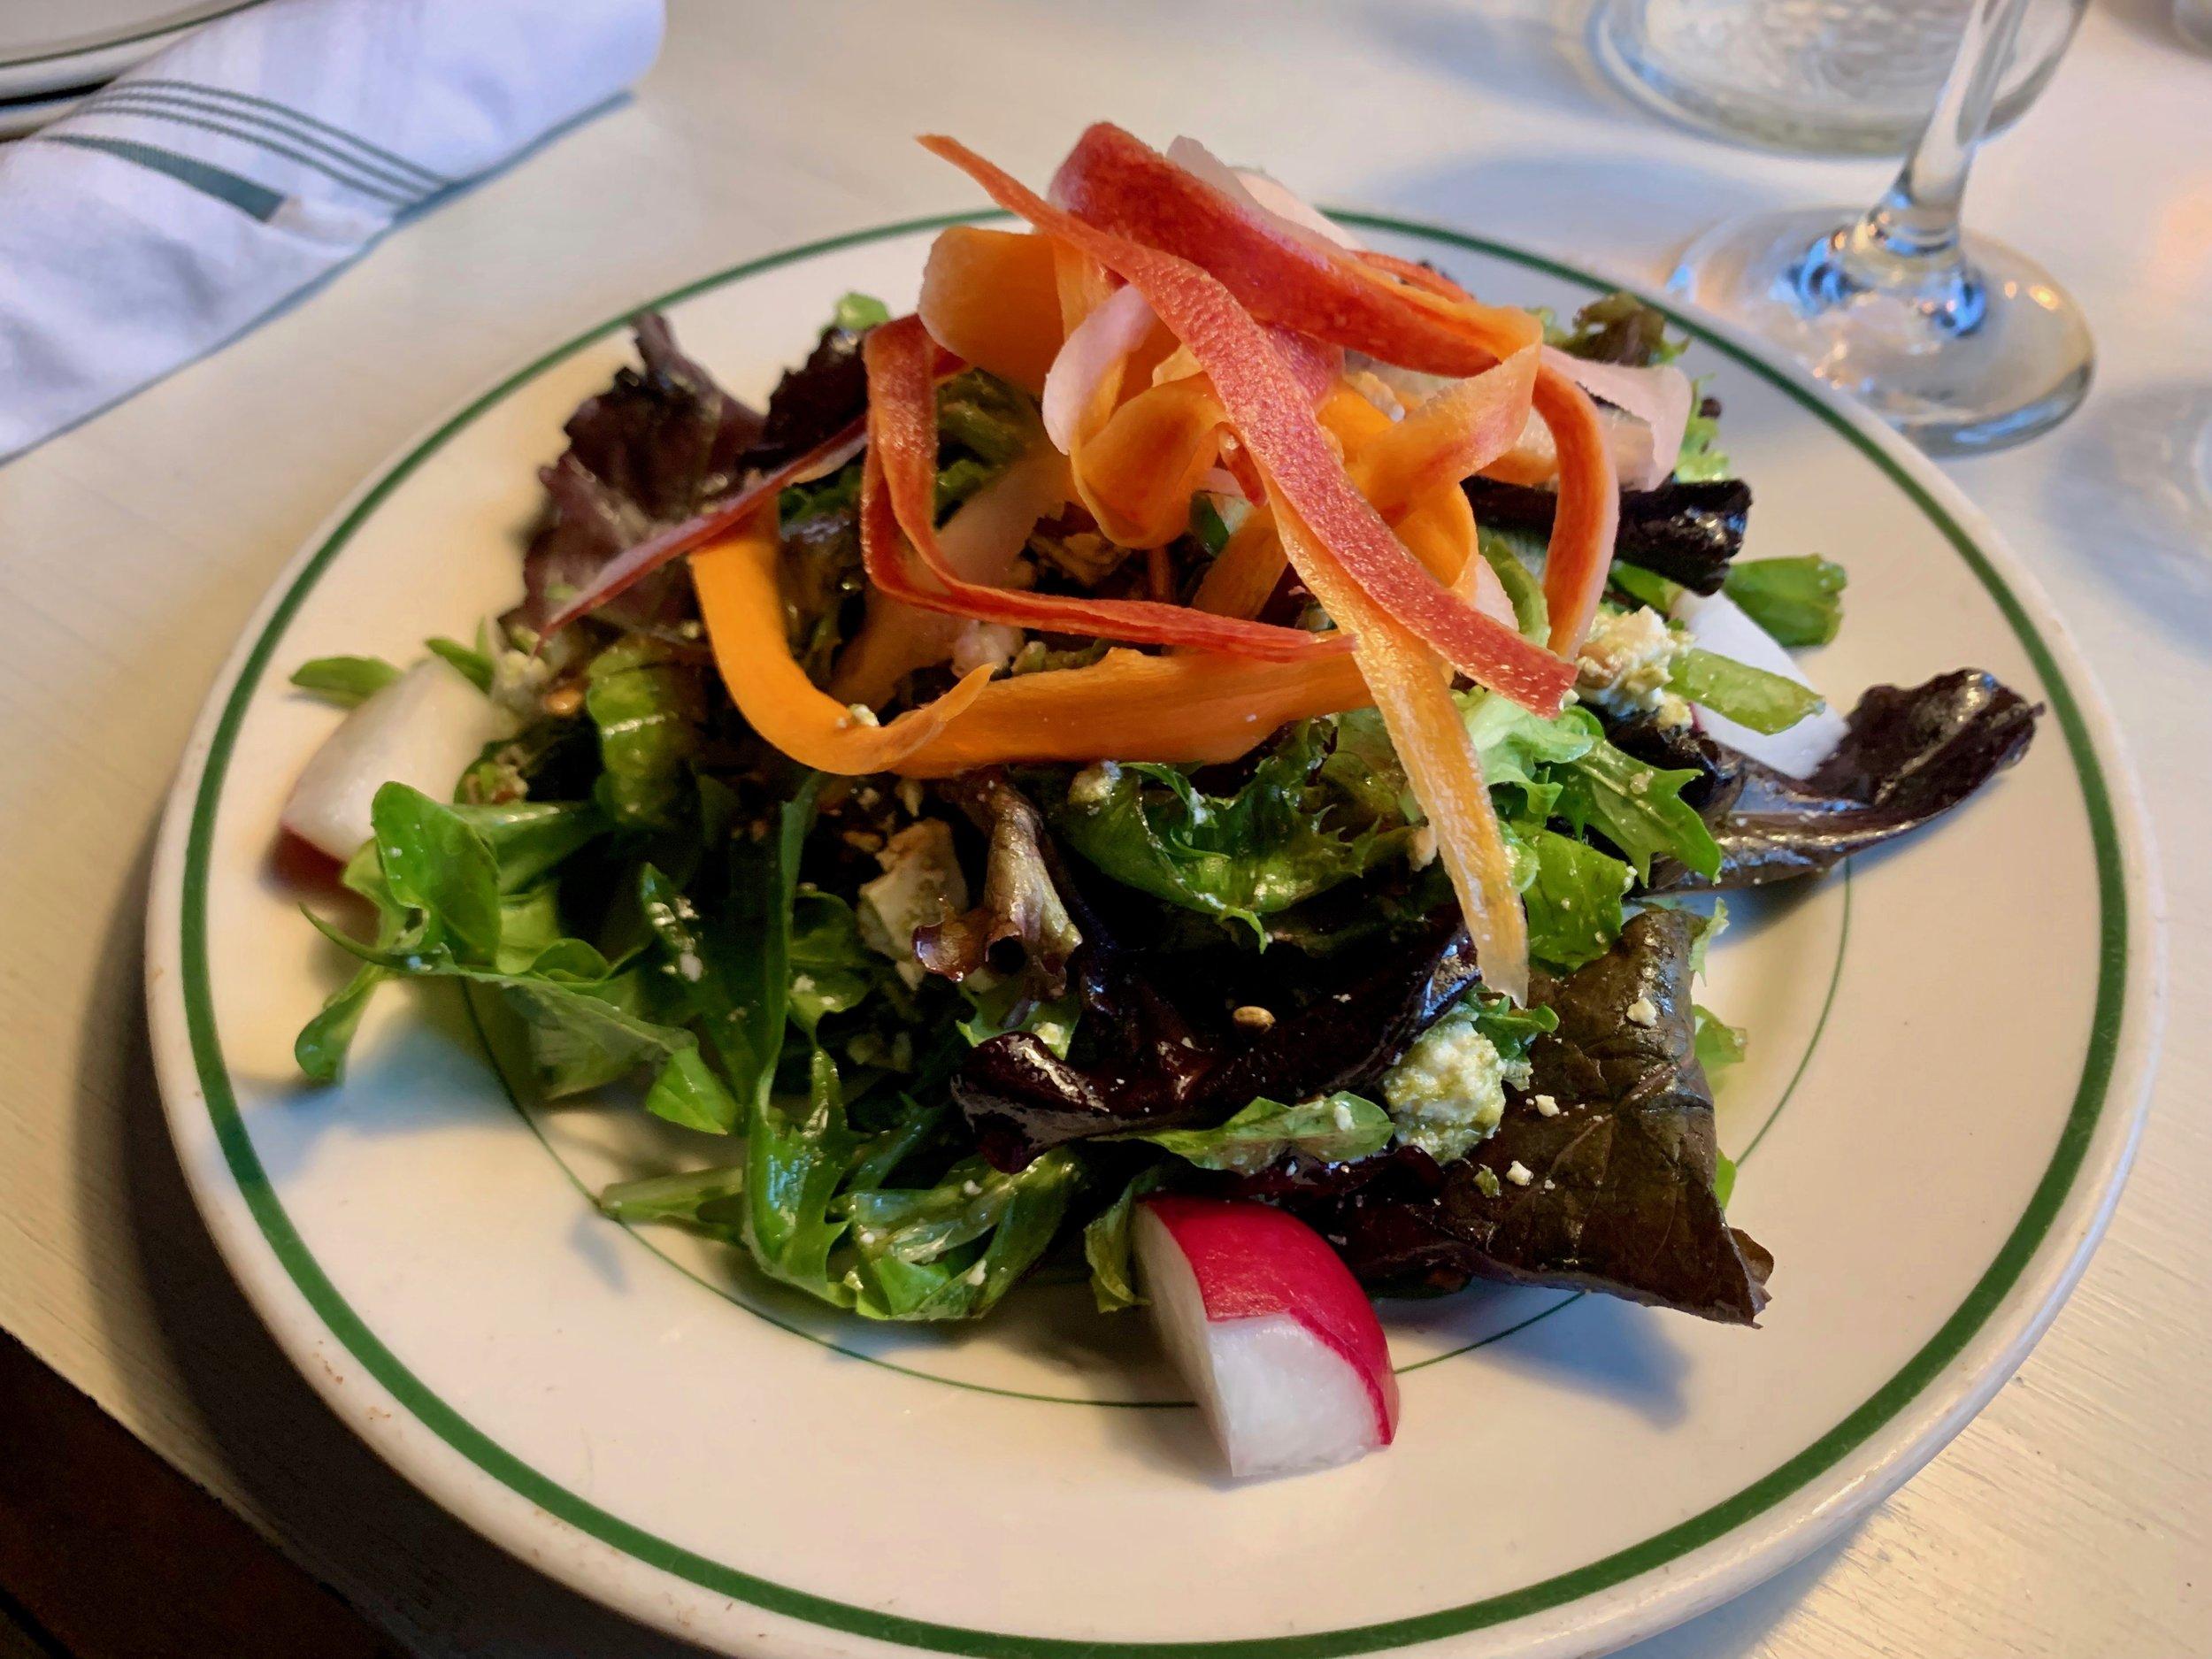 trotwood salad.jpeg